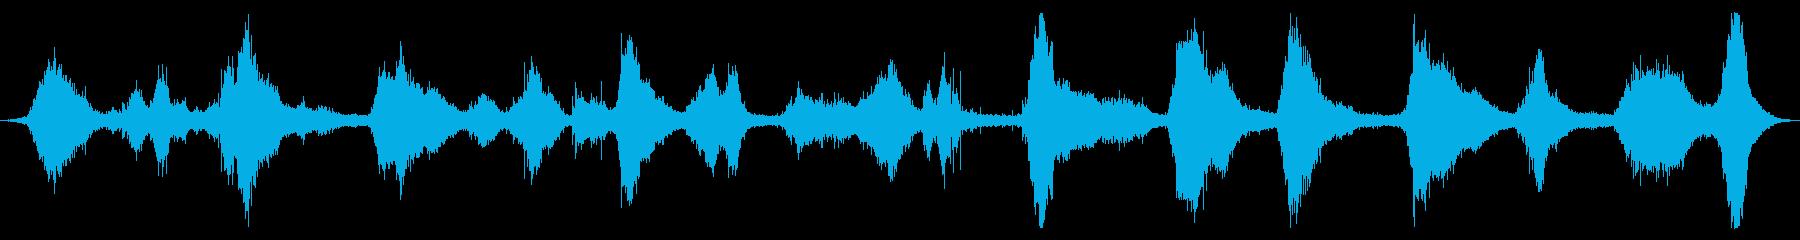 海洋:中程度の波、軽い泡、遠いボー...の再生済みの波形